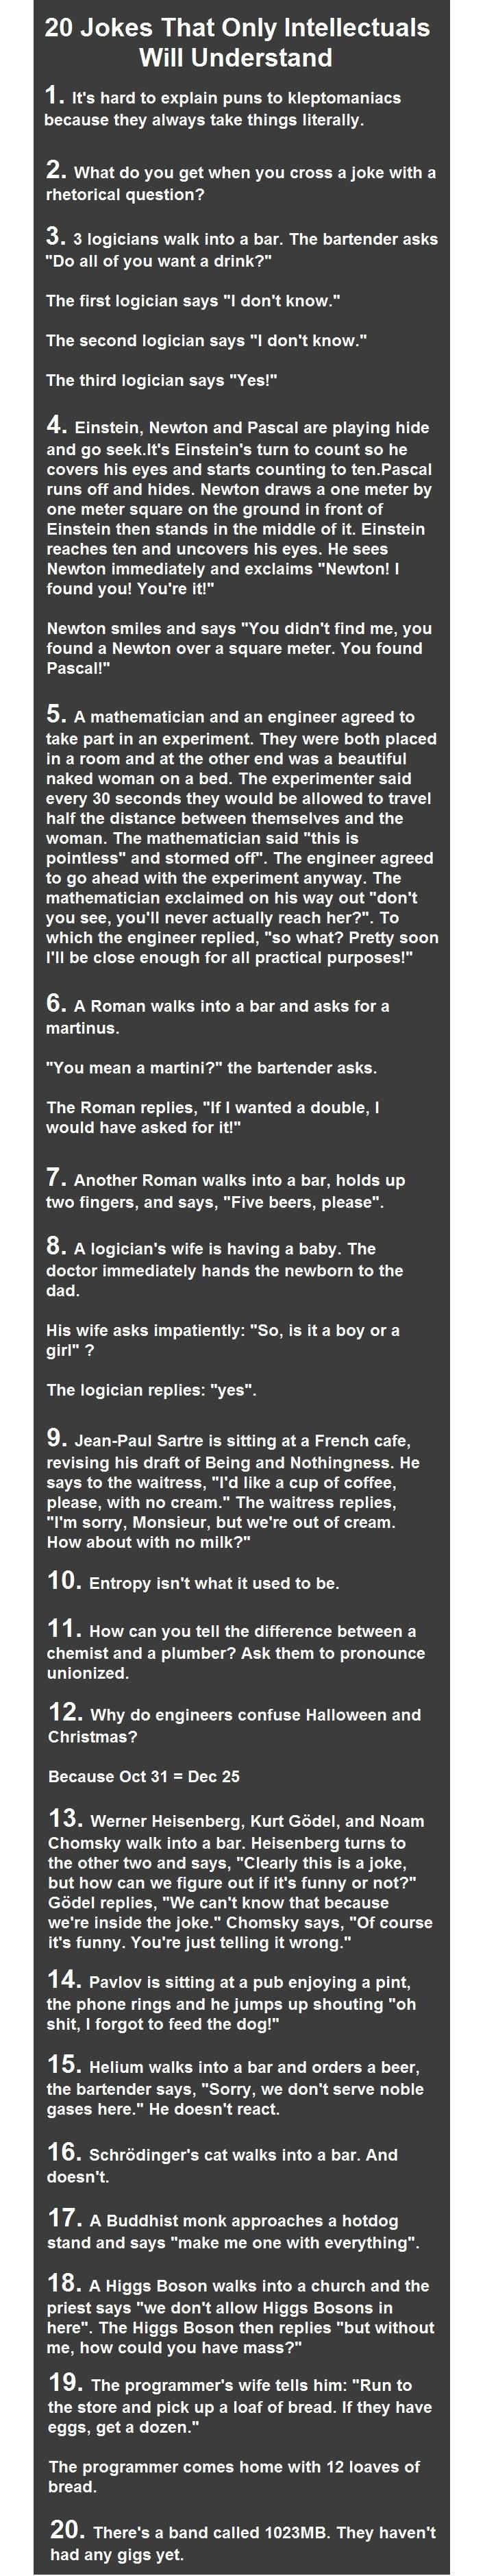 20-jokes